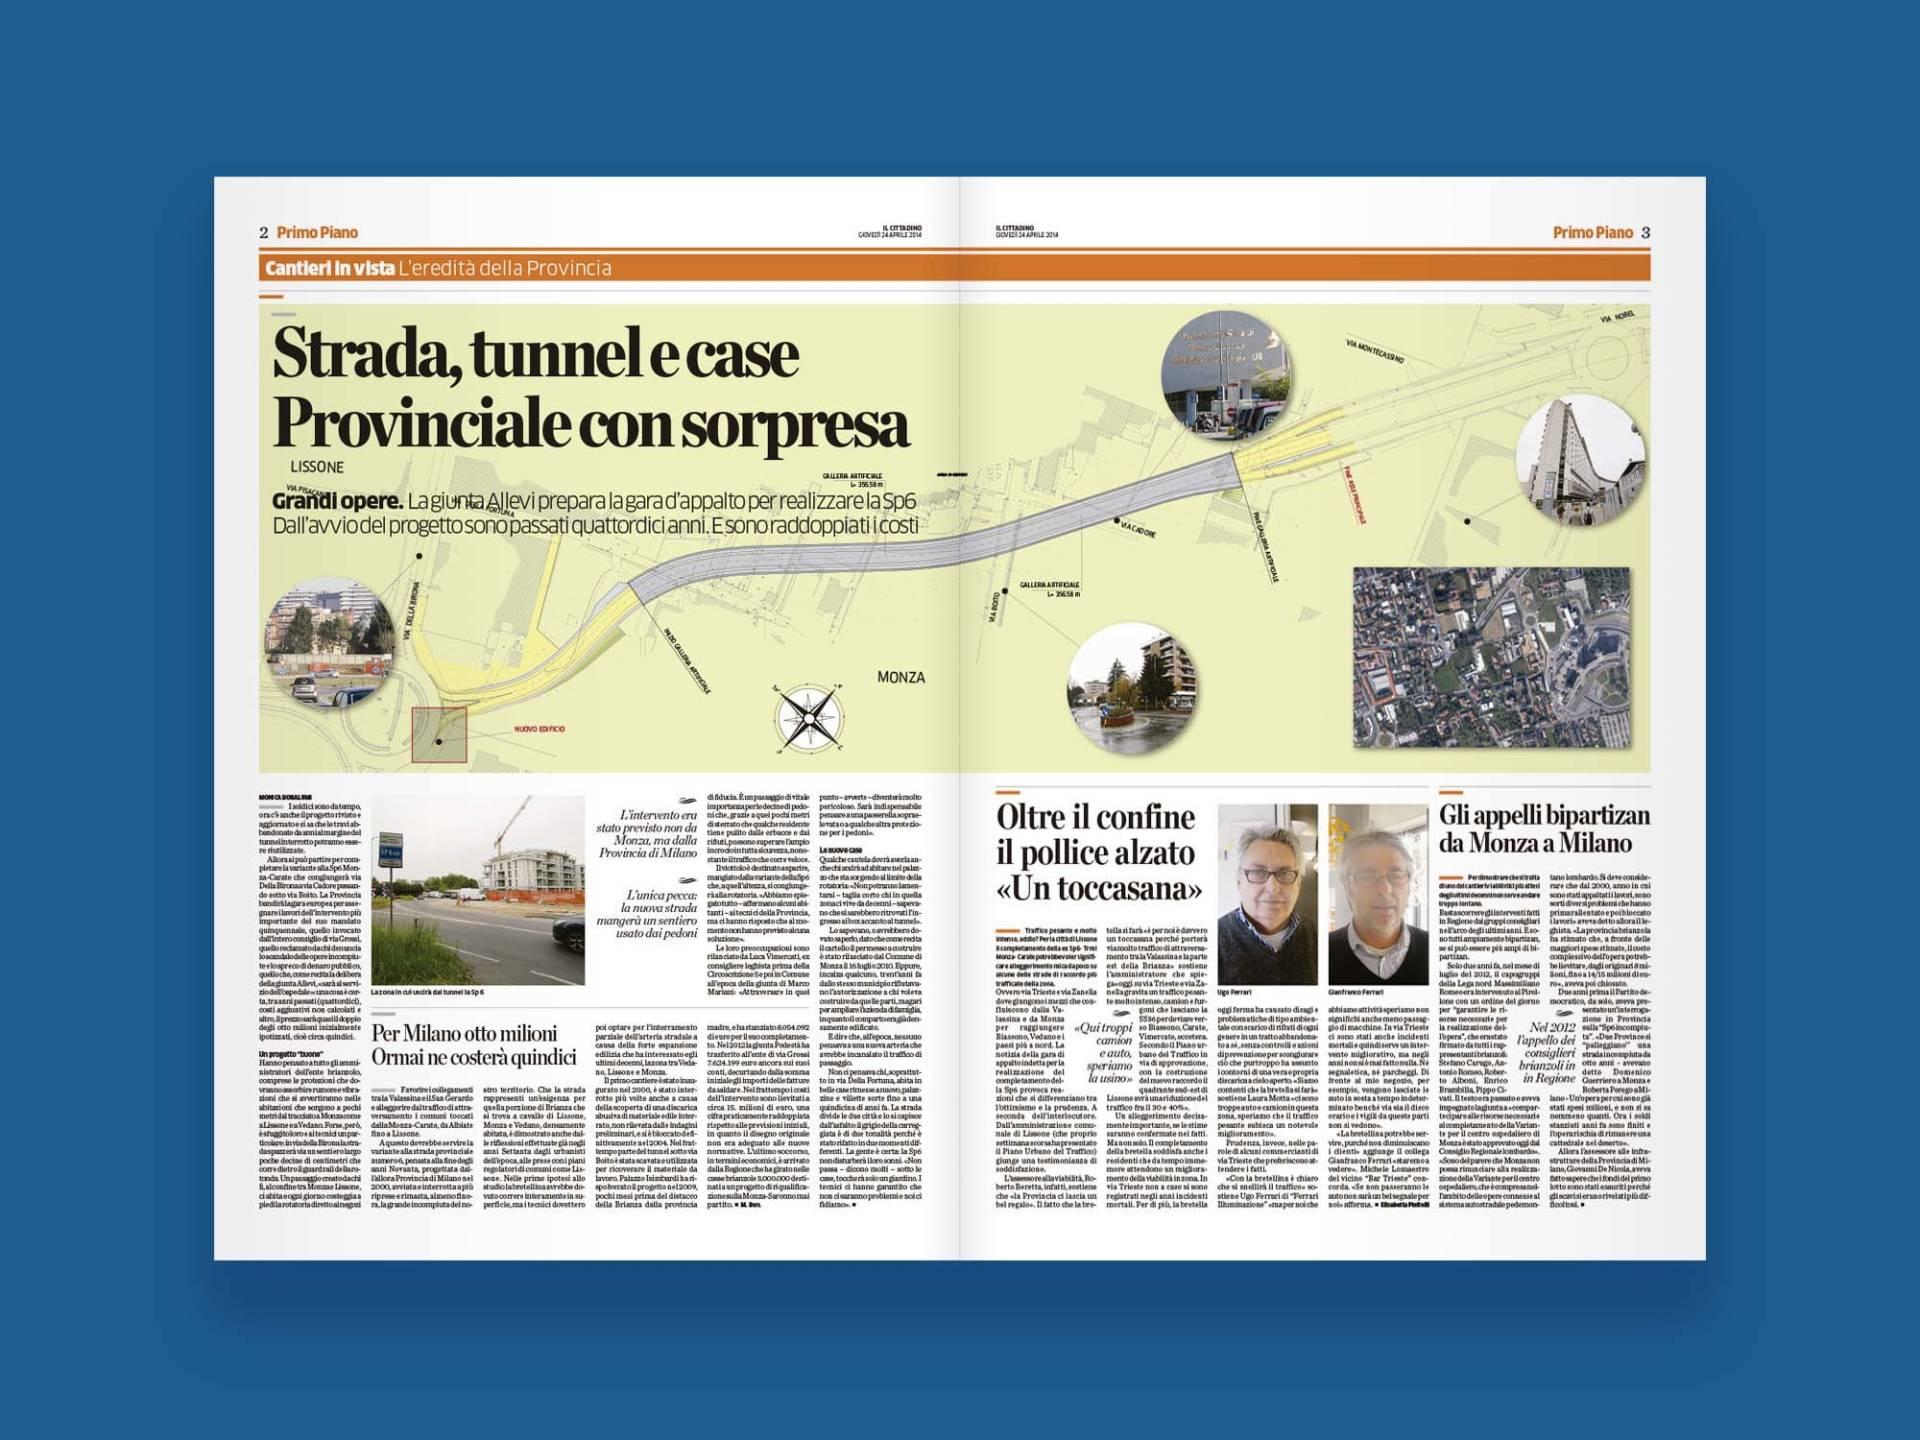 Il_Cittadino_di_Monza_e_Brianza_02_Wenceslau_News_Design